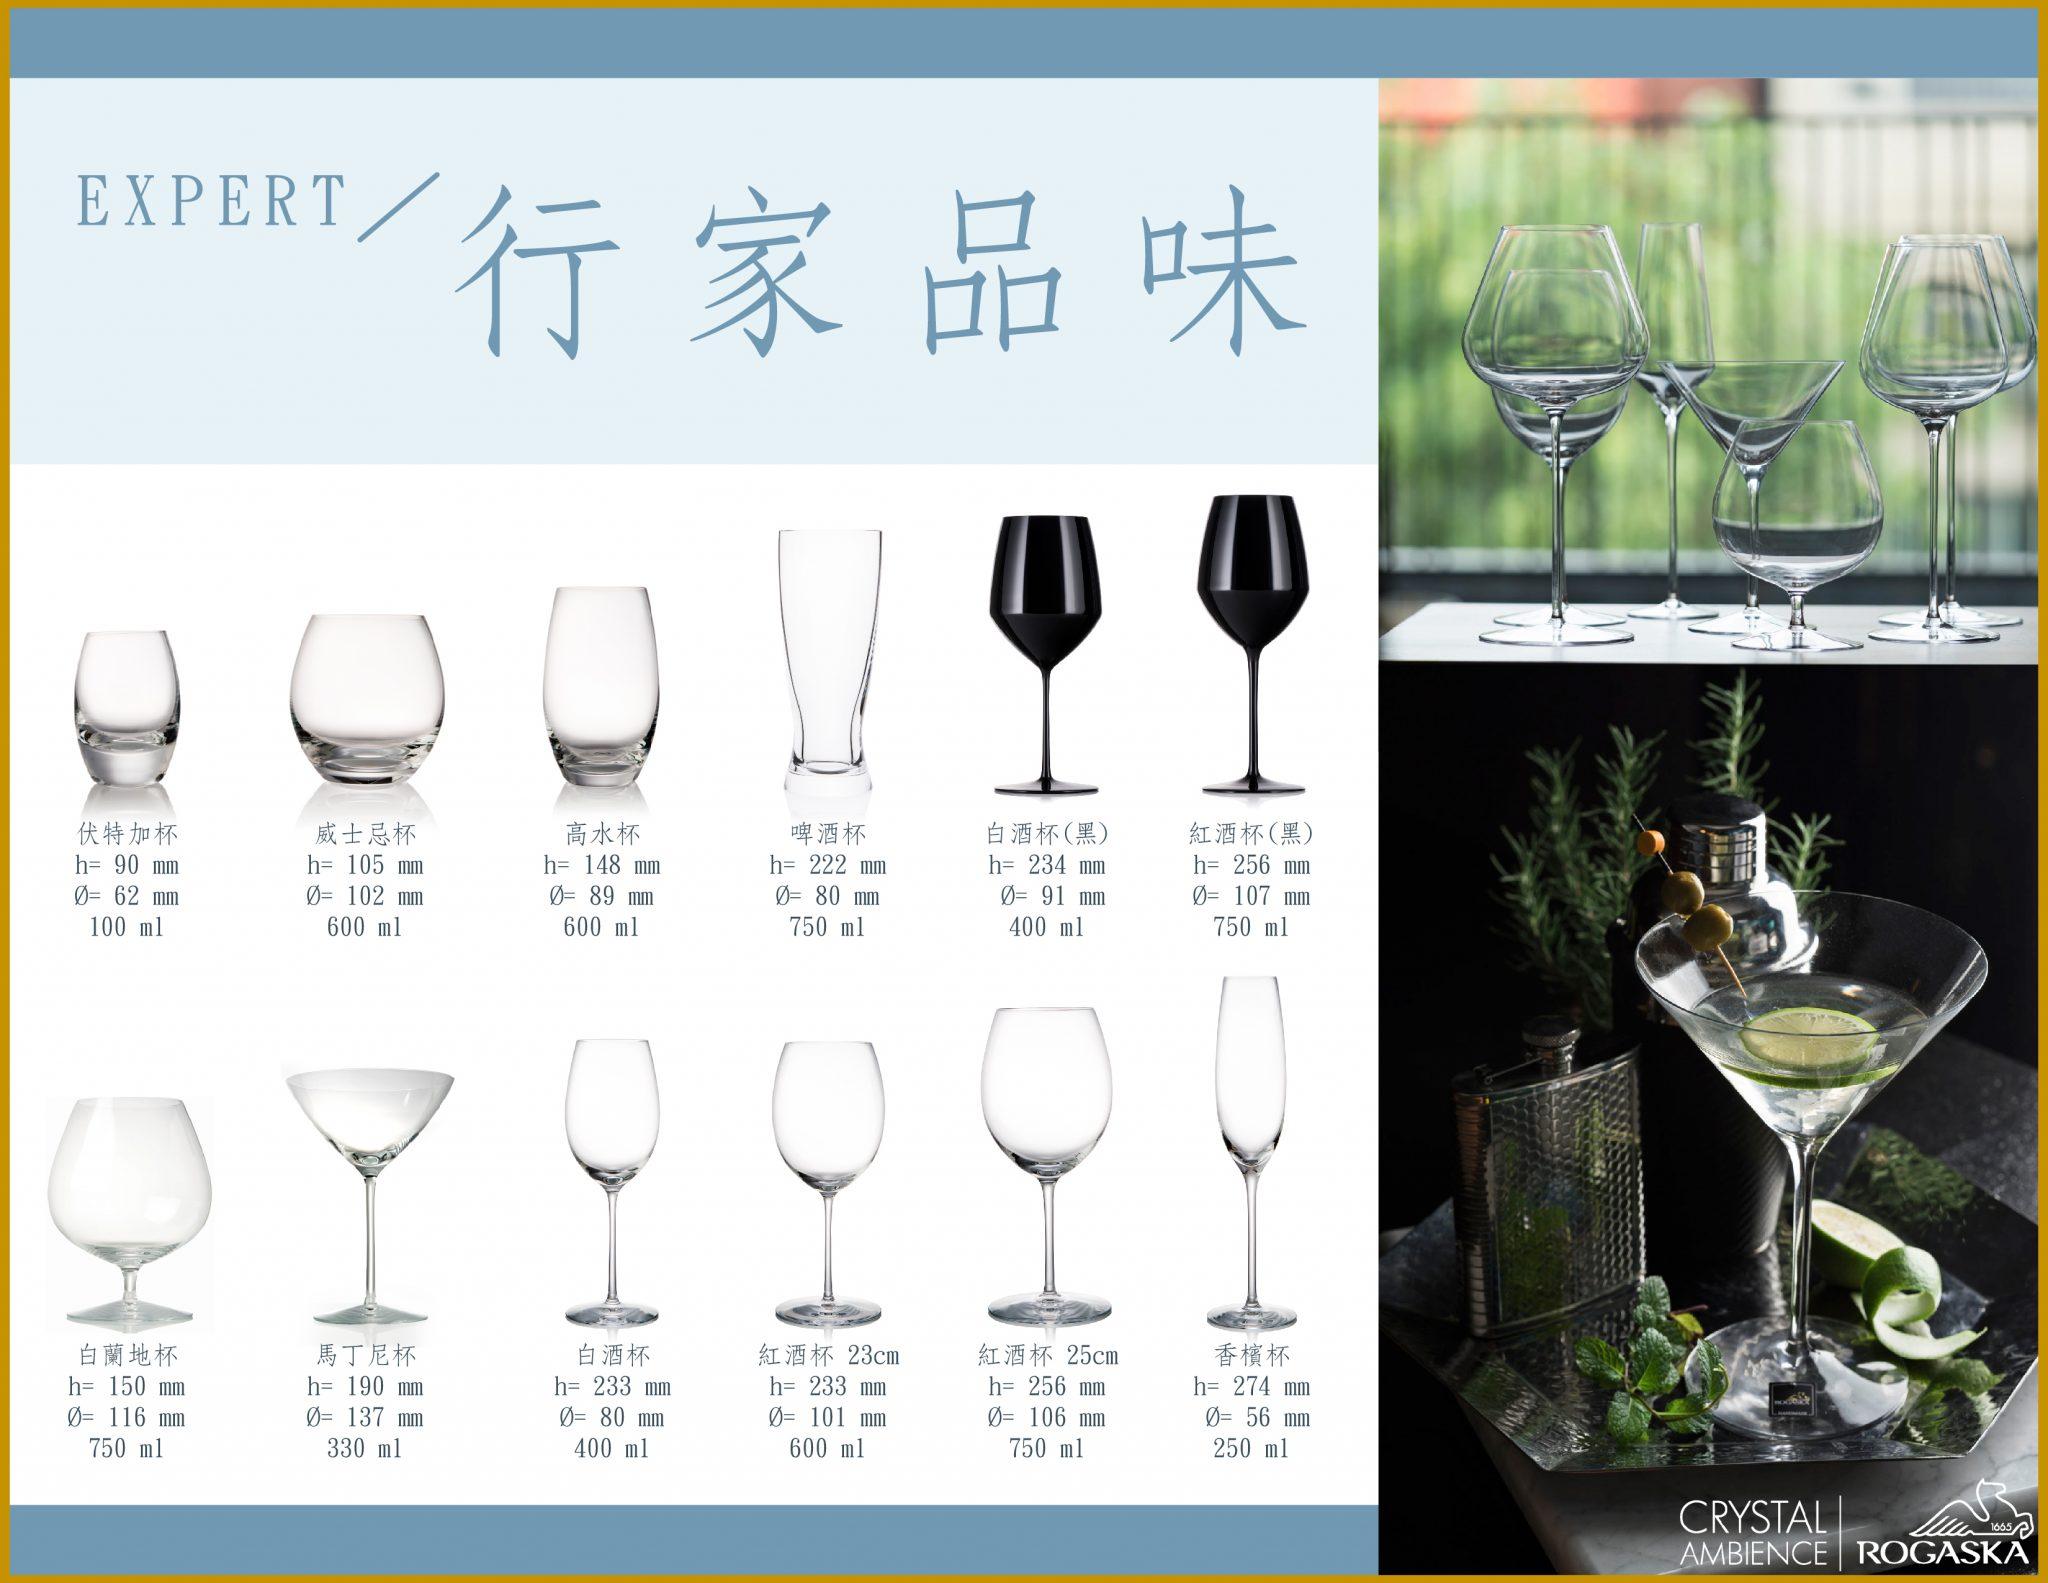 歐洲 ROGASKA 水晶玻璃 EXPERT 行家品味